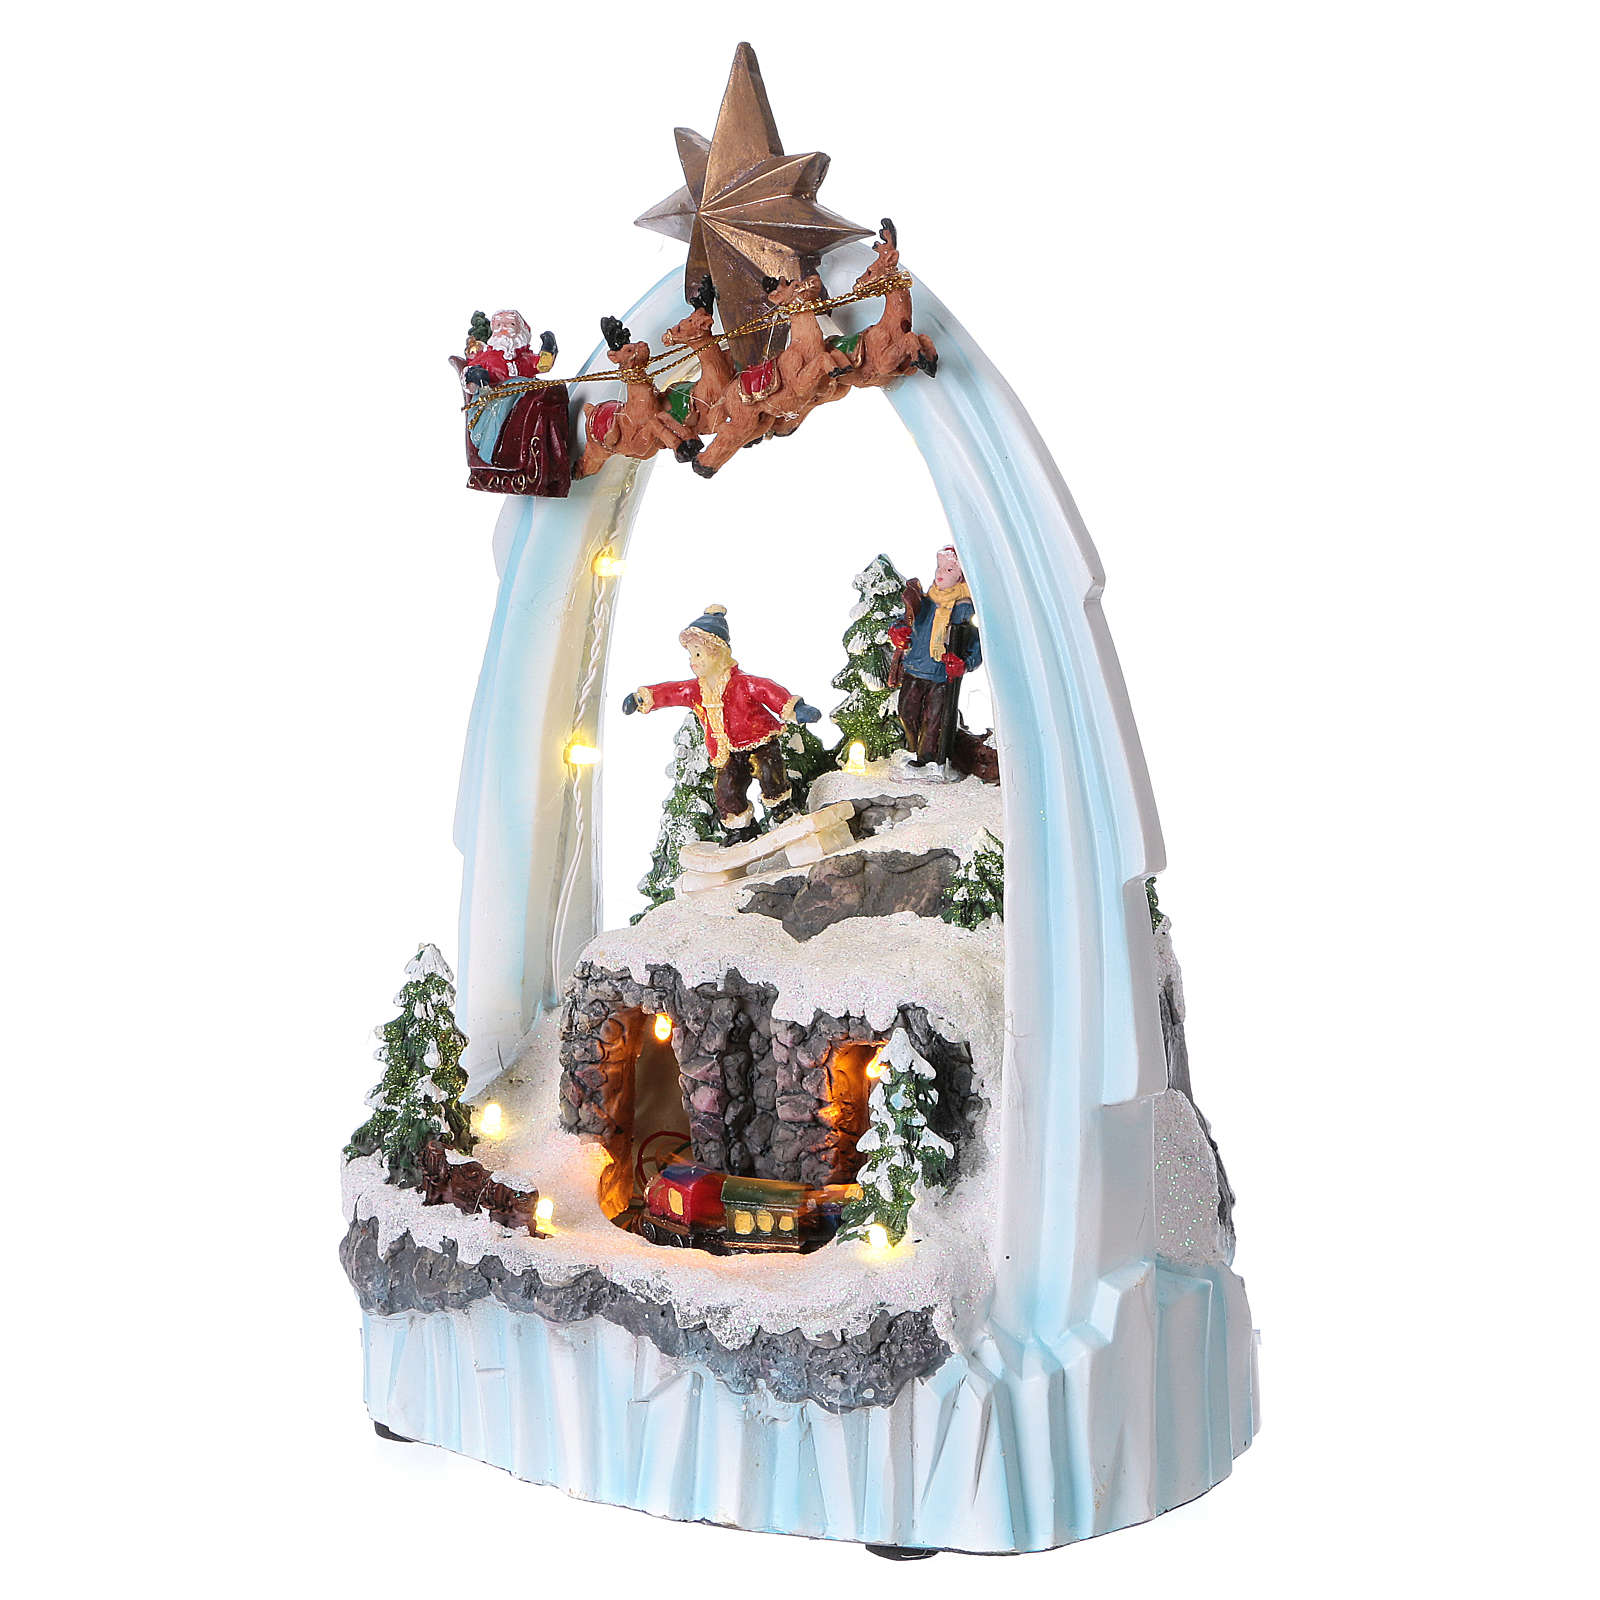 Paysage de Noël en résine 30x20x15 cm train mouvement piles 3